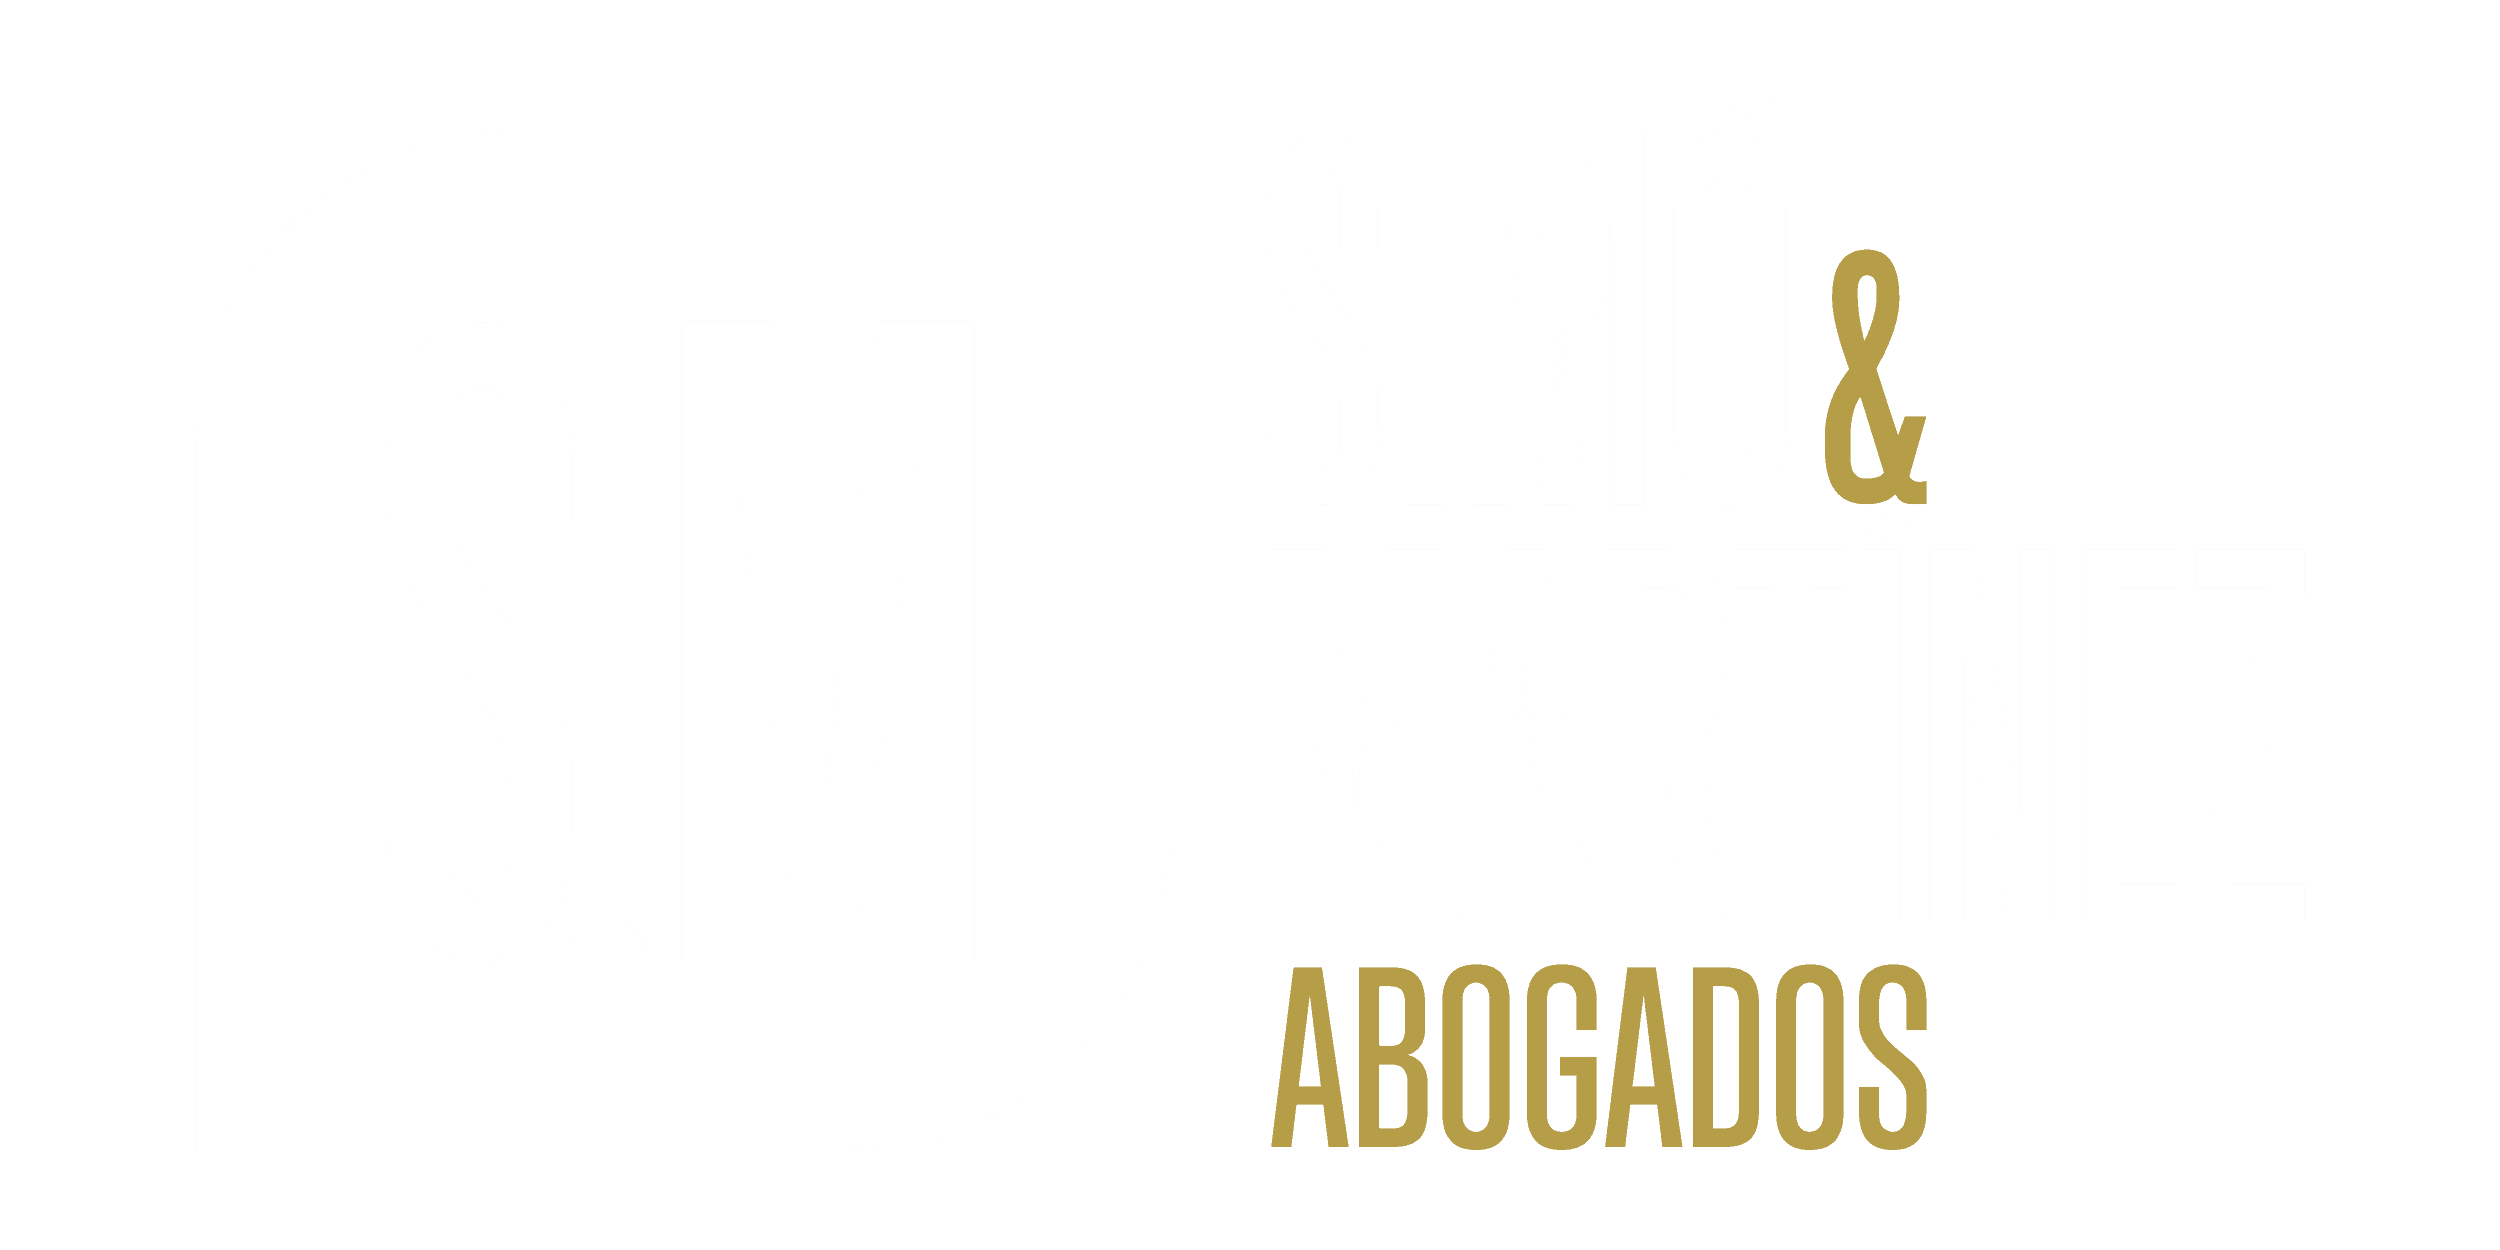 Simó & Martínez Abogados